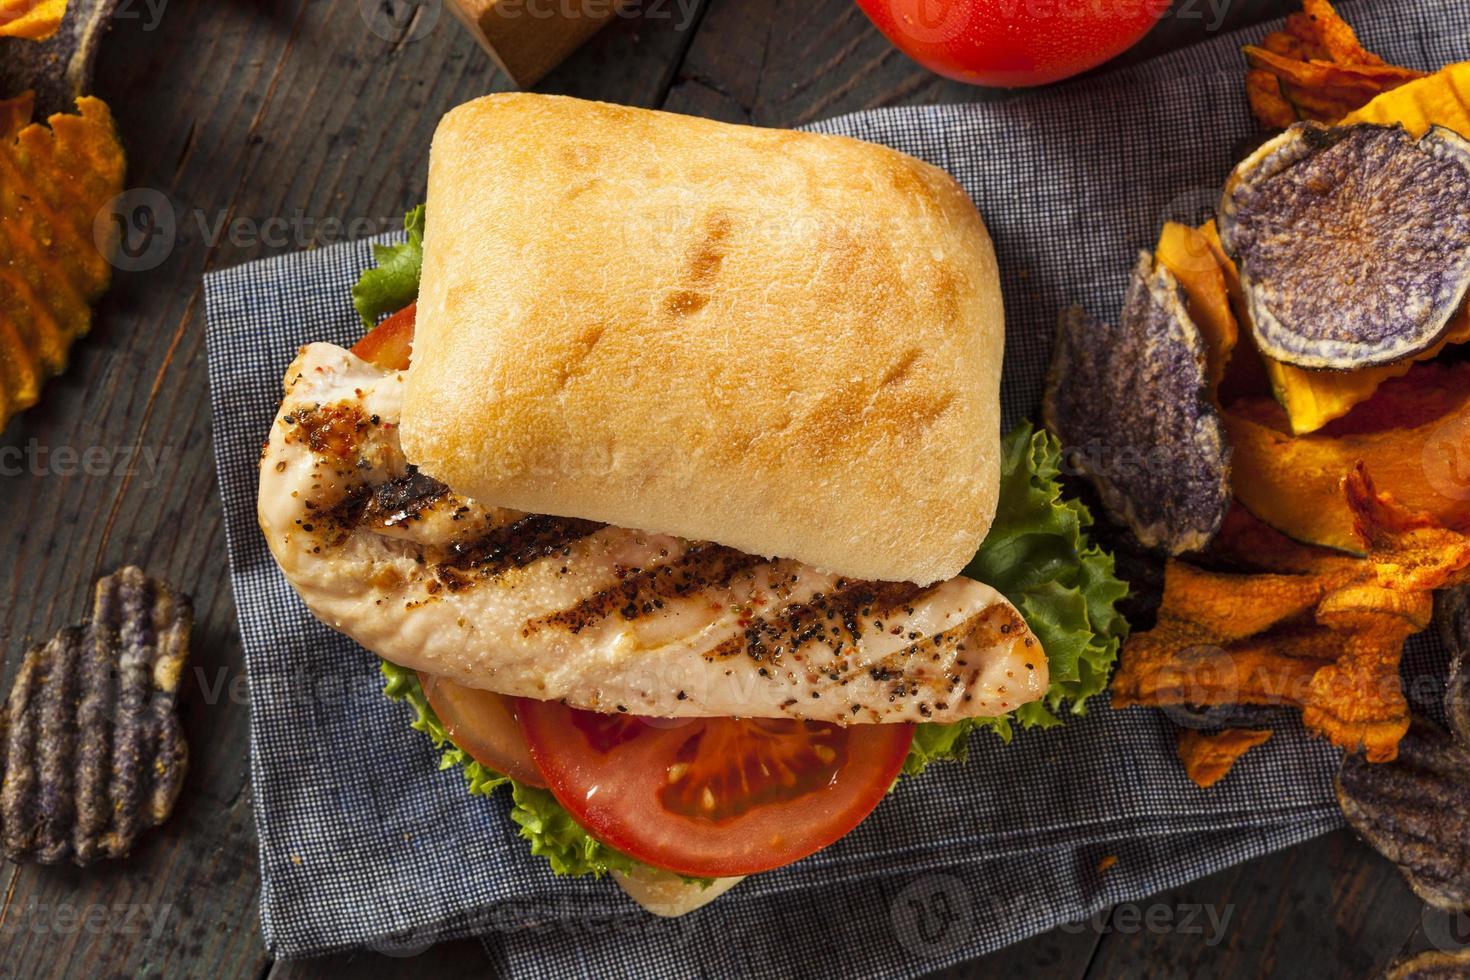 sándwich de pollo a la parrilla saludable foto